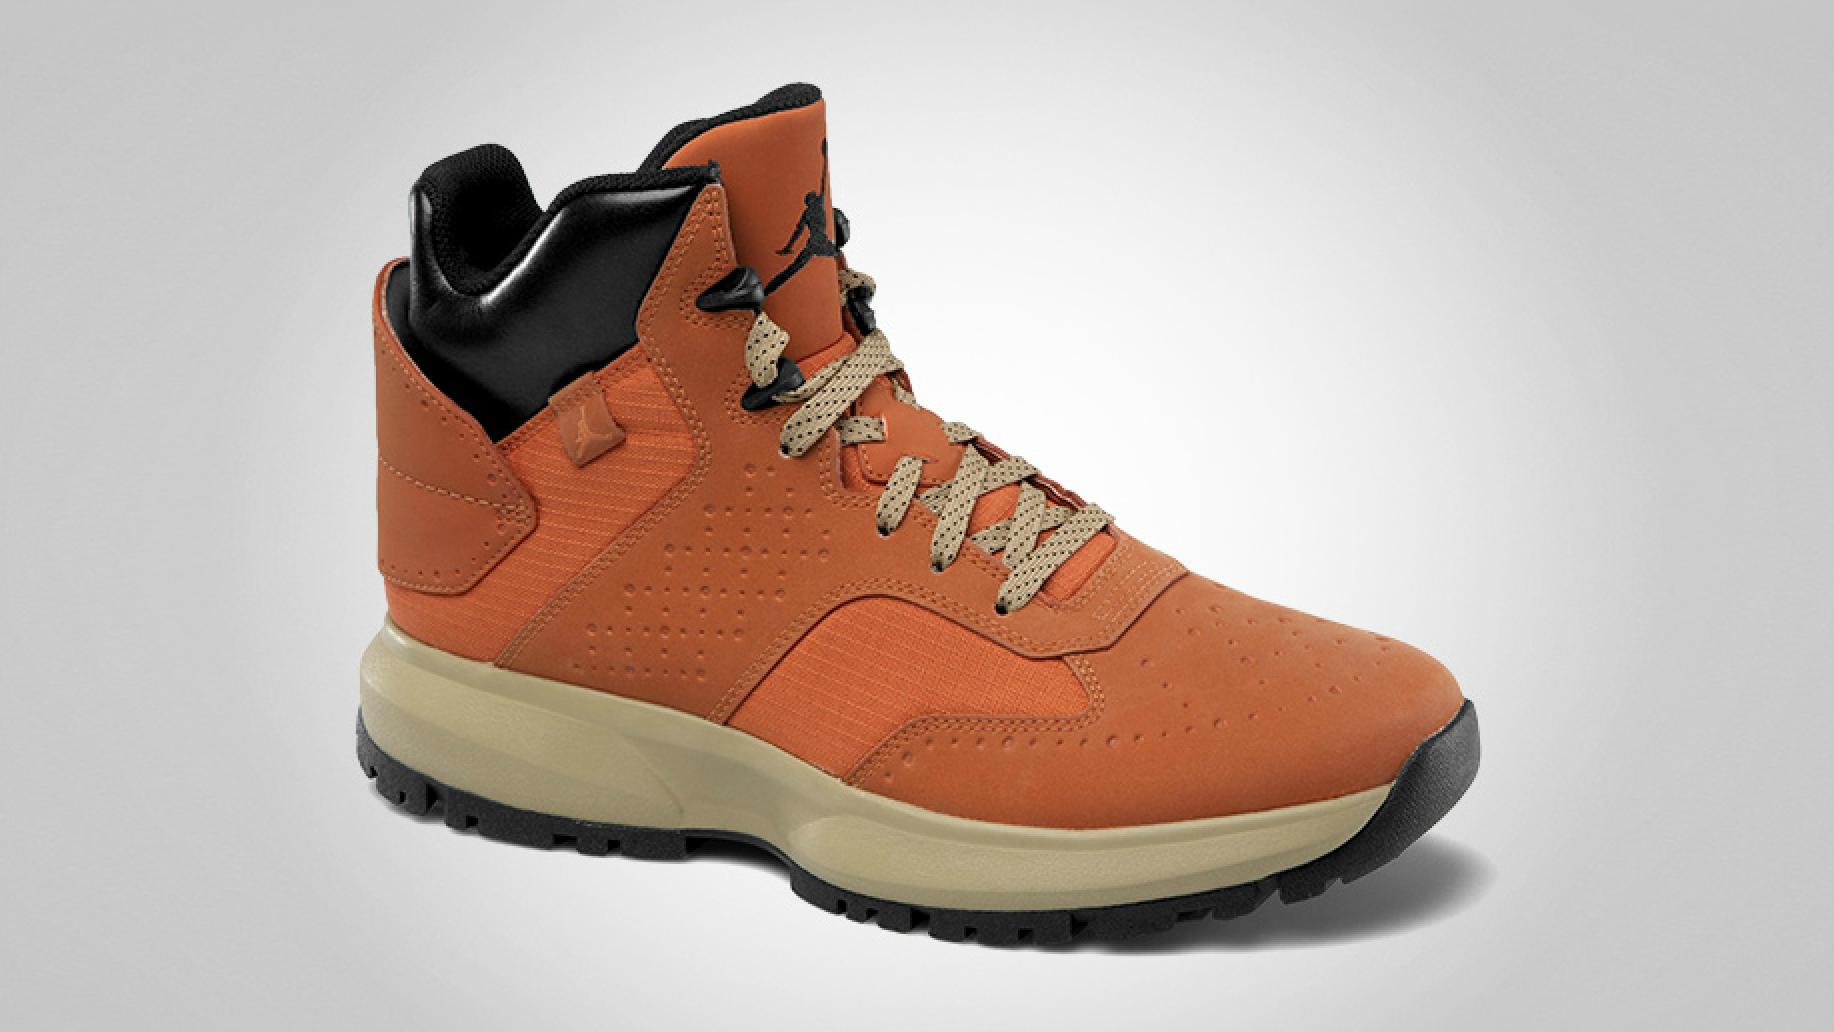 Jordan 23 Degrees F 'Mesa Orange/Black-Filbert'